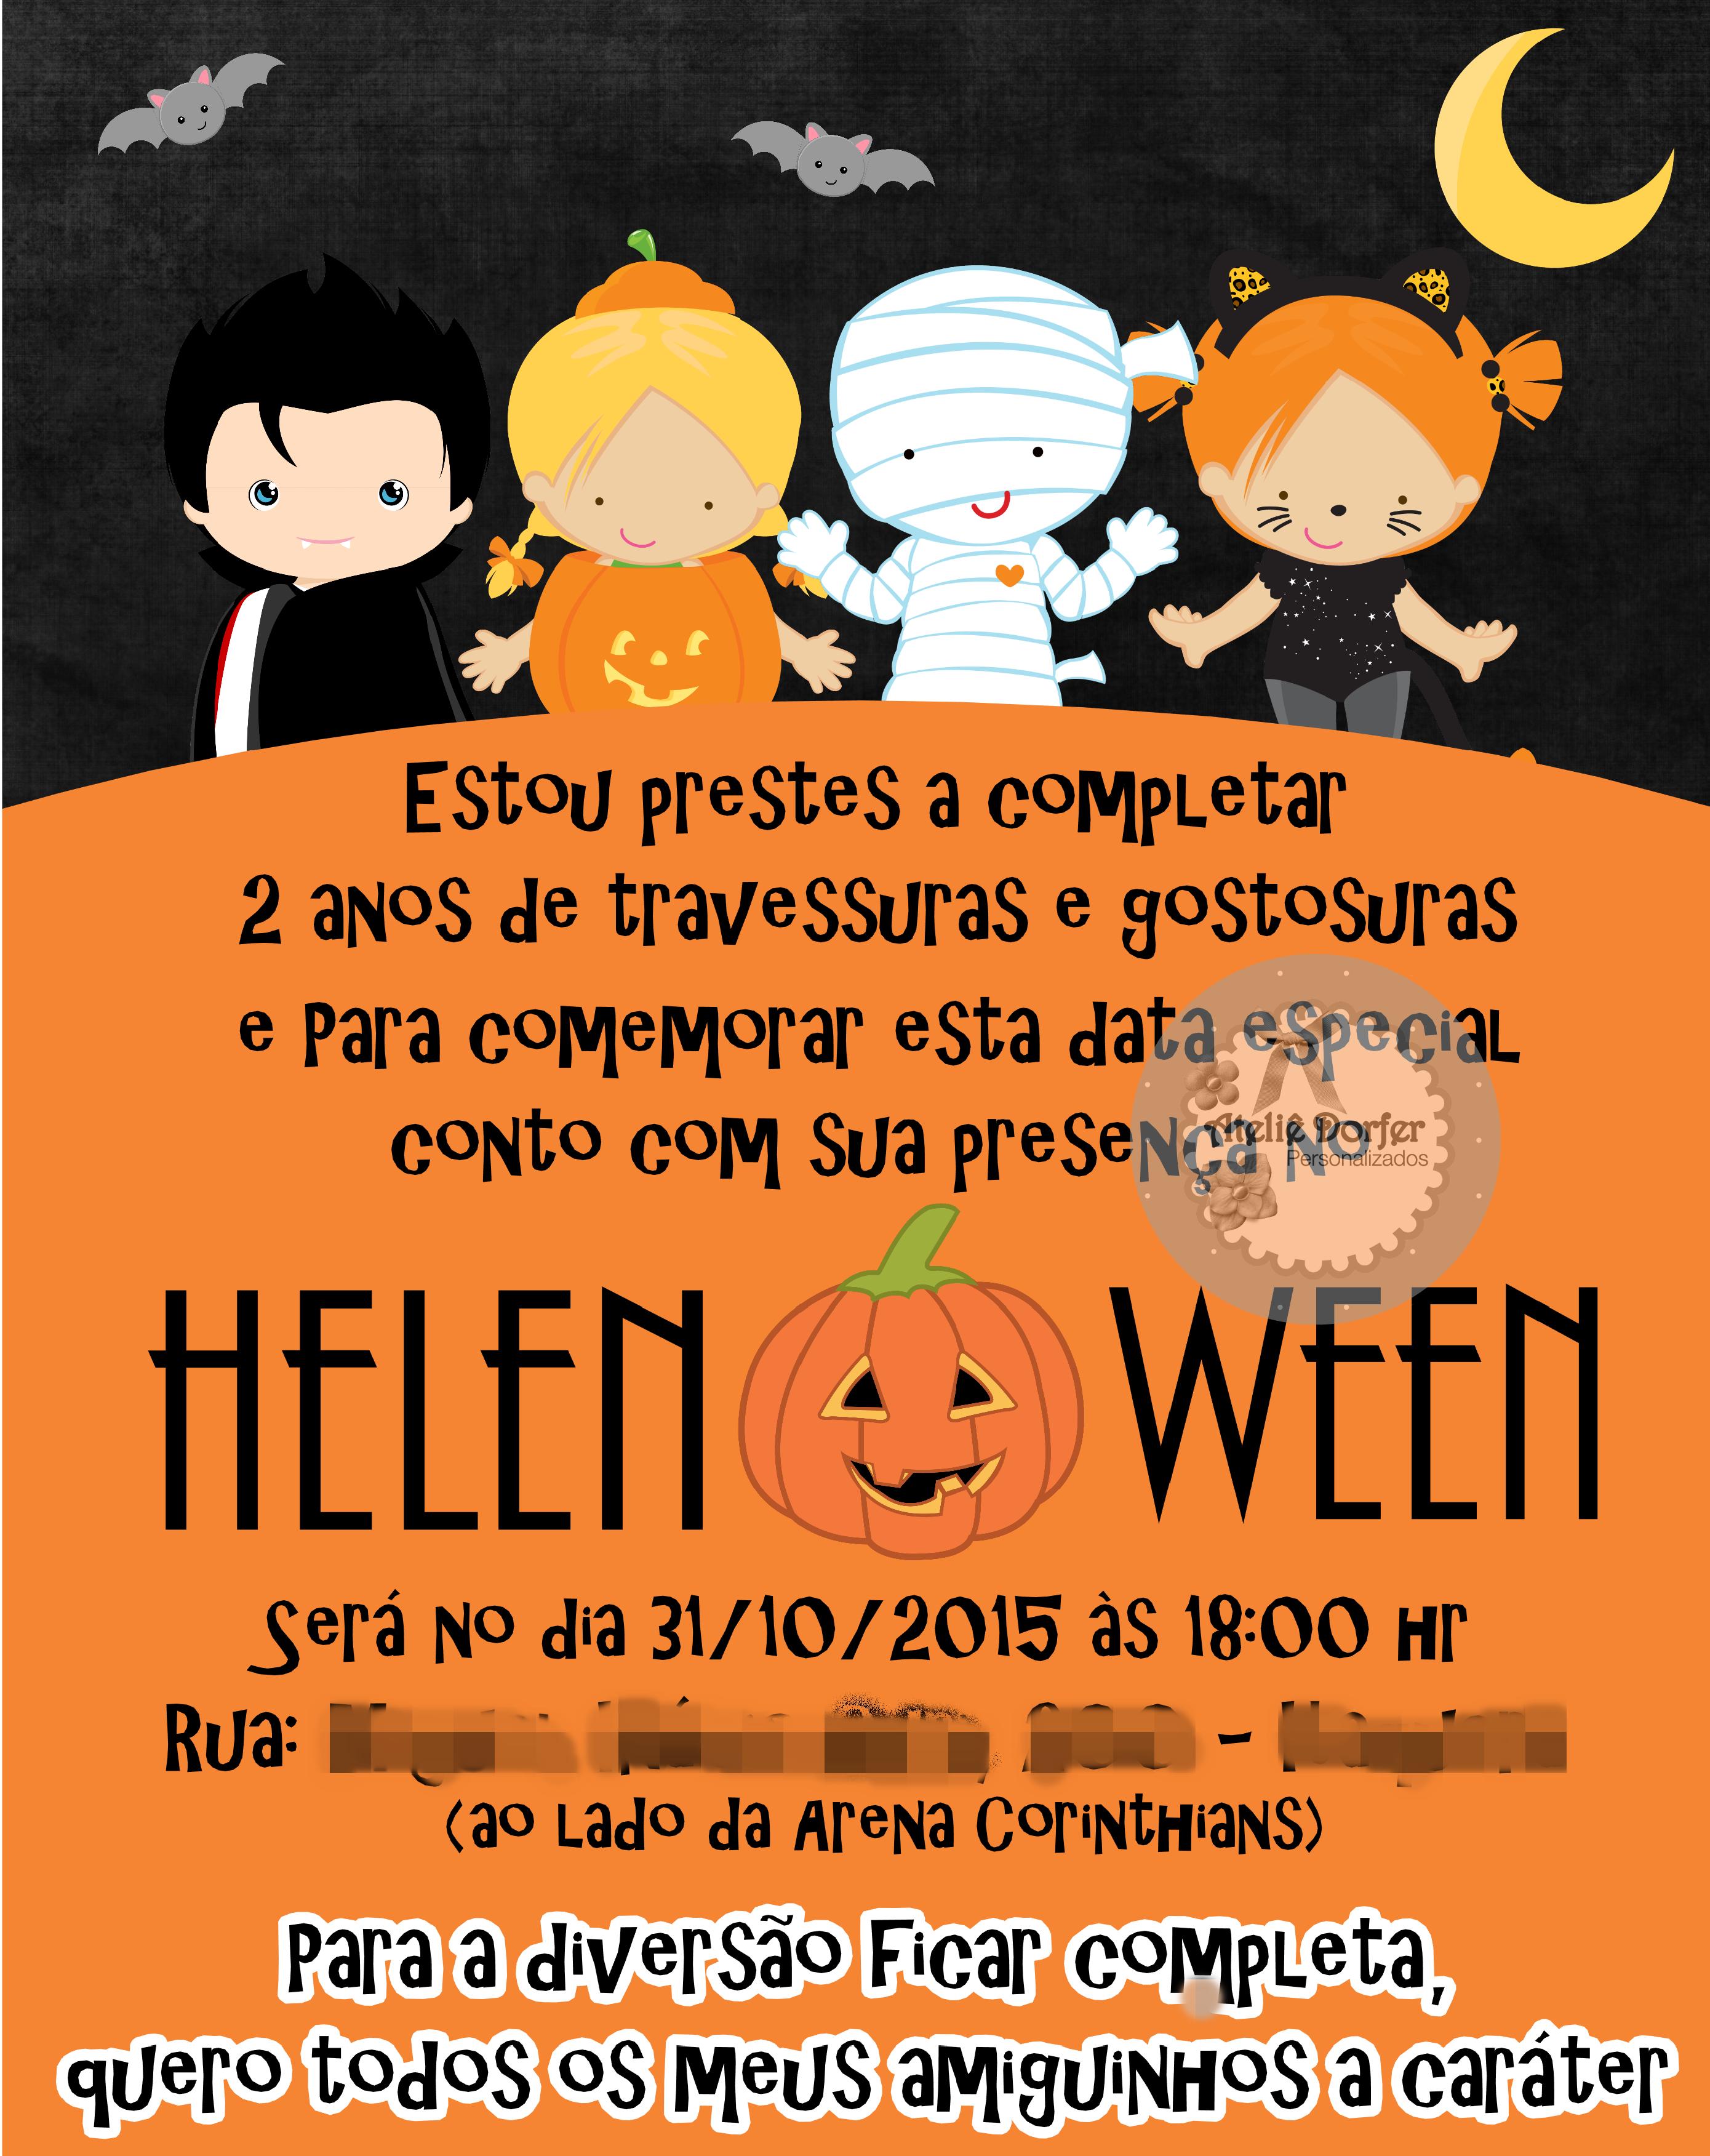 Convites - Coleção de Ateliê Dorfer Artes e Papelaria ( ateliedorfer ... 9c16d63f1aa46